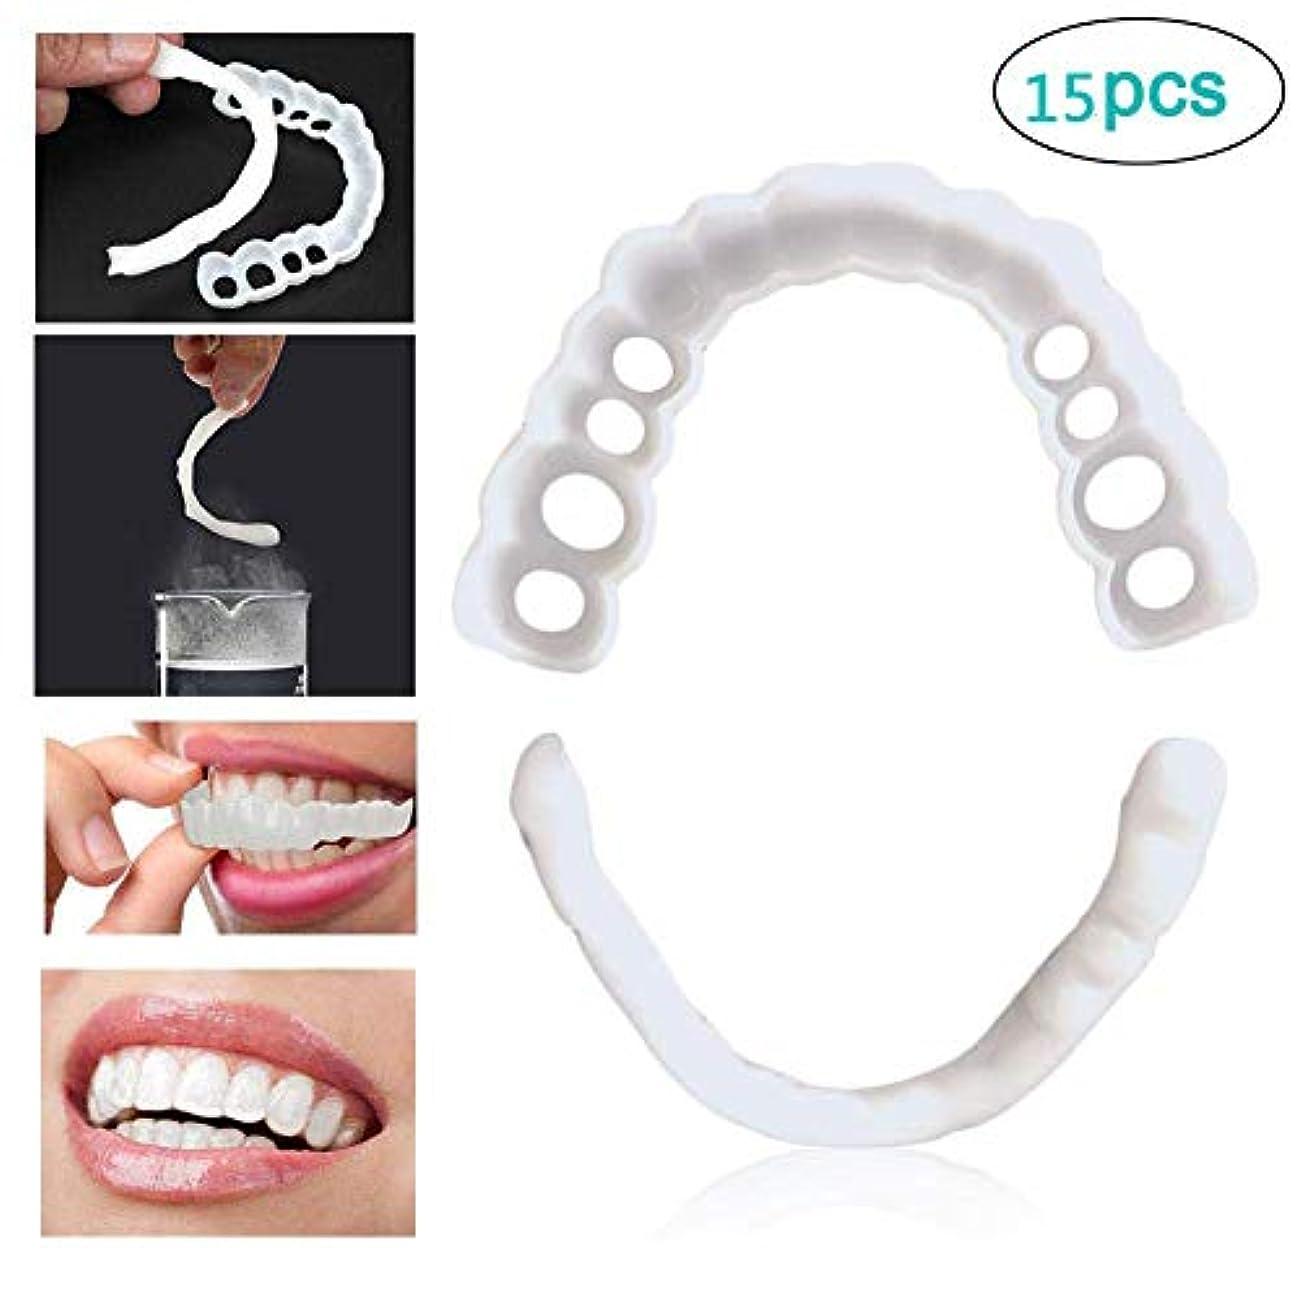 コミュニティホステルアジテーション15個の一時的な化粧品の歯を白くする笑顔の偽の歯のカバー笑顔を矯正する歯列矯正の歯の歯(上の歯+下の歯)